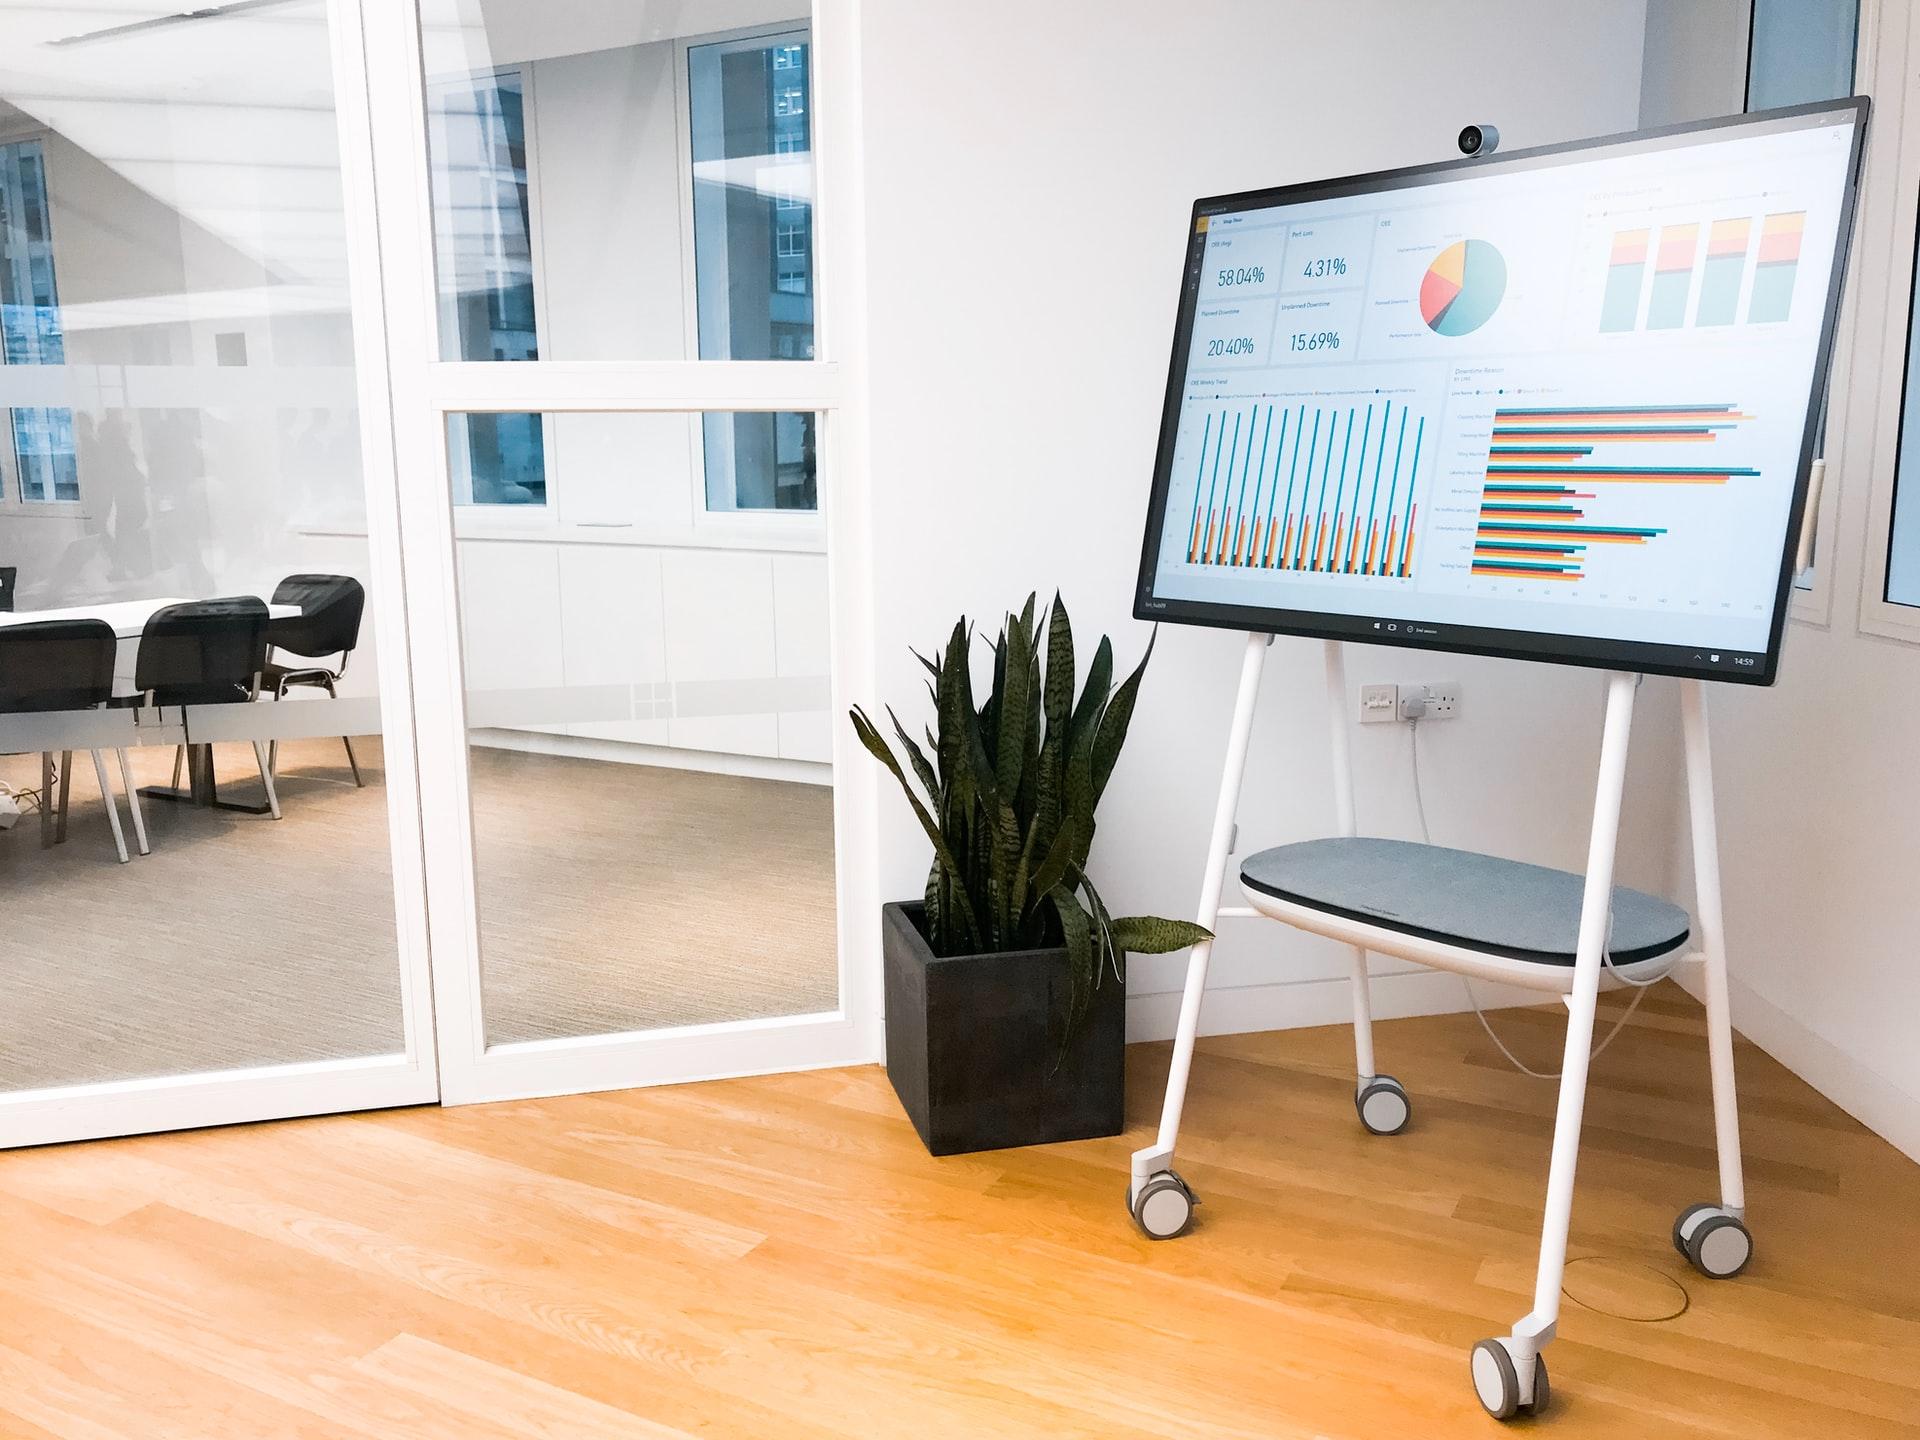 comment choisir son tableau interactif pour son entreprise